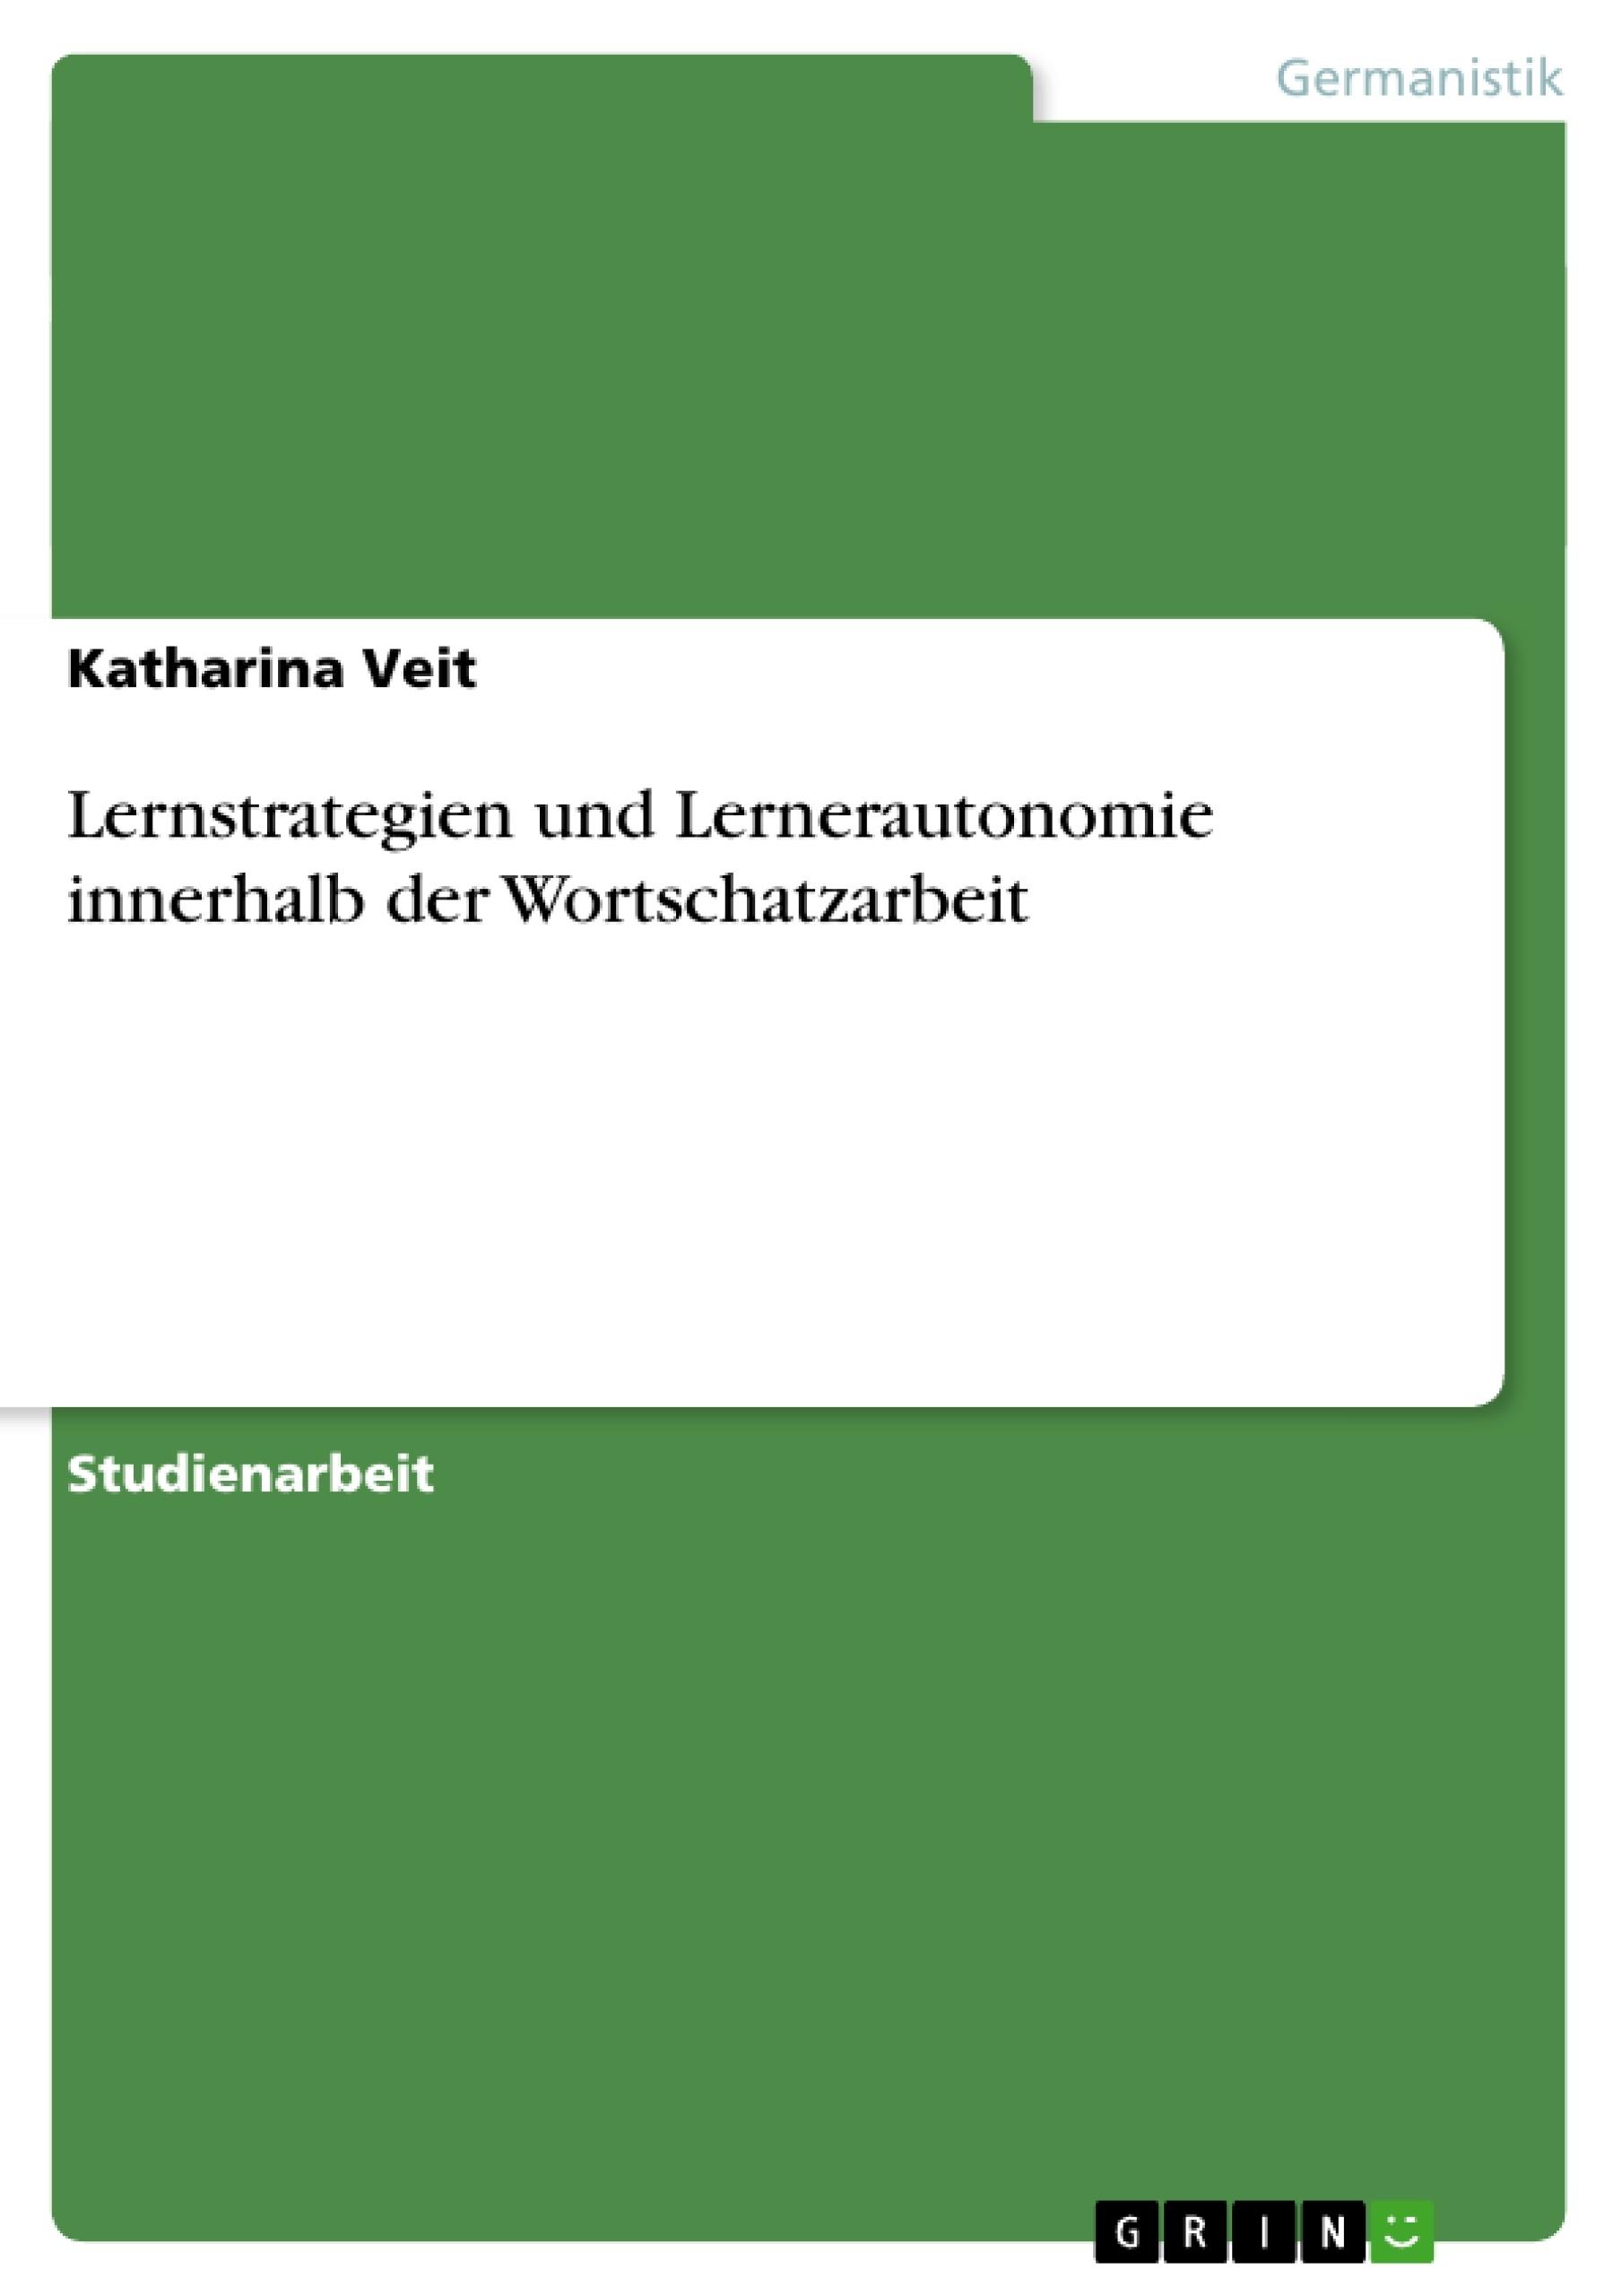 Titel: Lernstrategien und Lernerautonomie innerhalb der Wortschatzarbeit